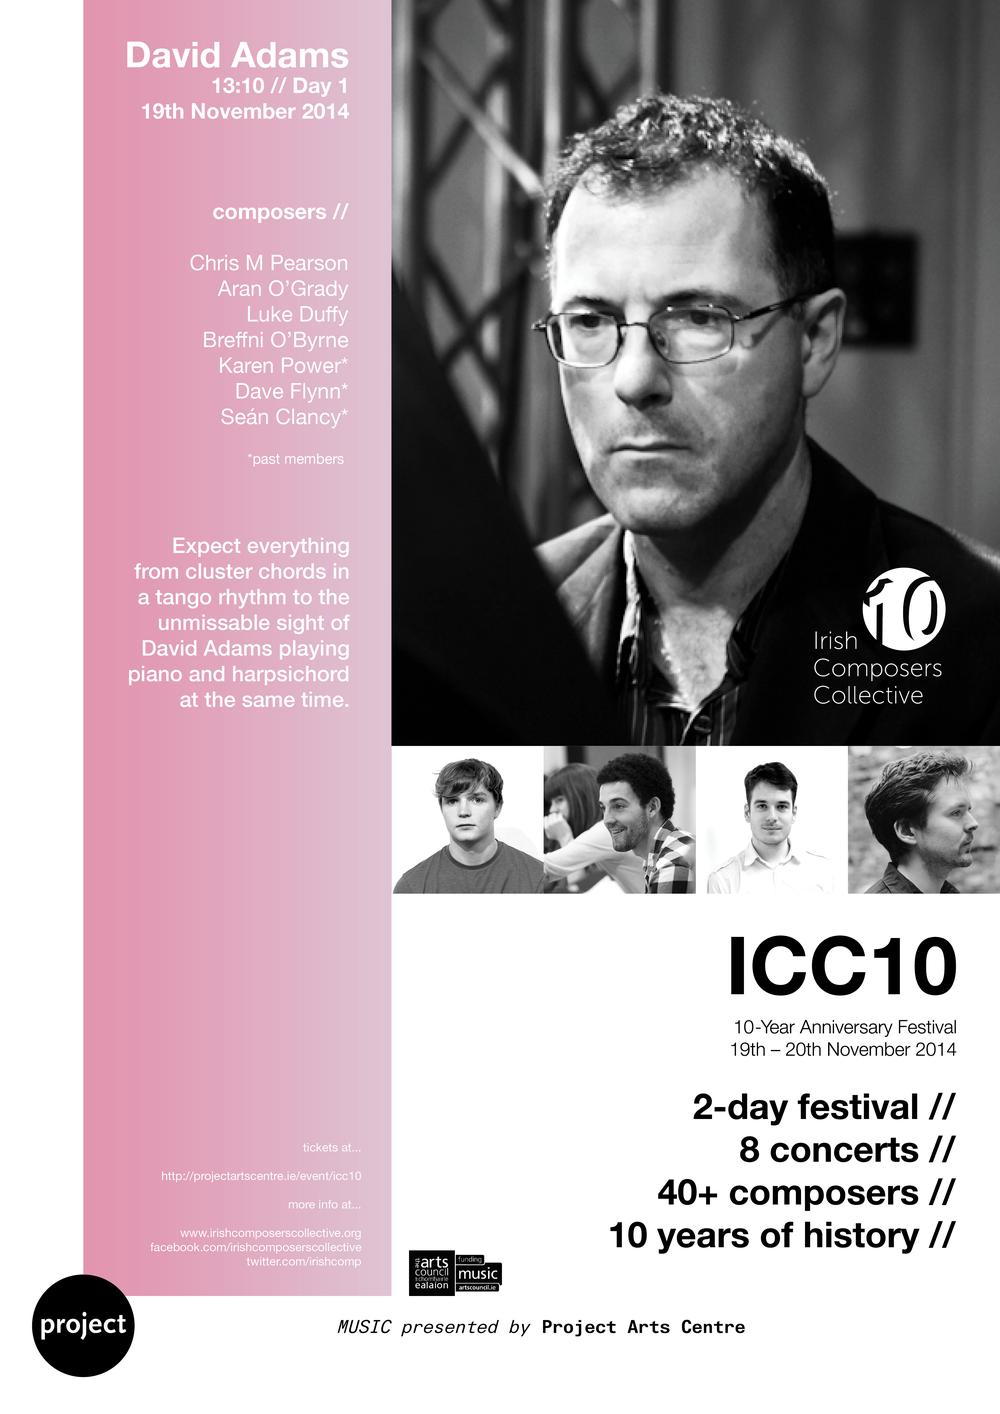 icc10 a3 poster_David Adams.png